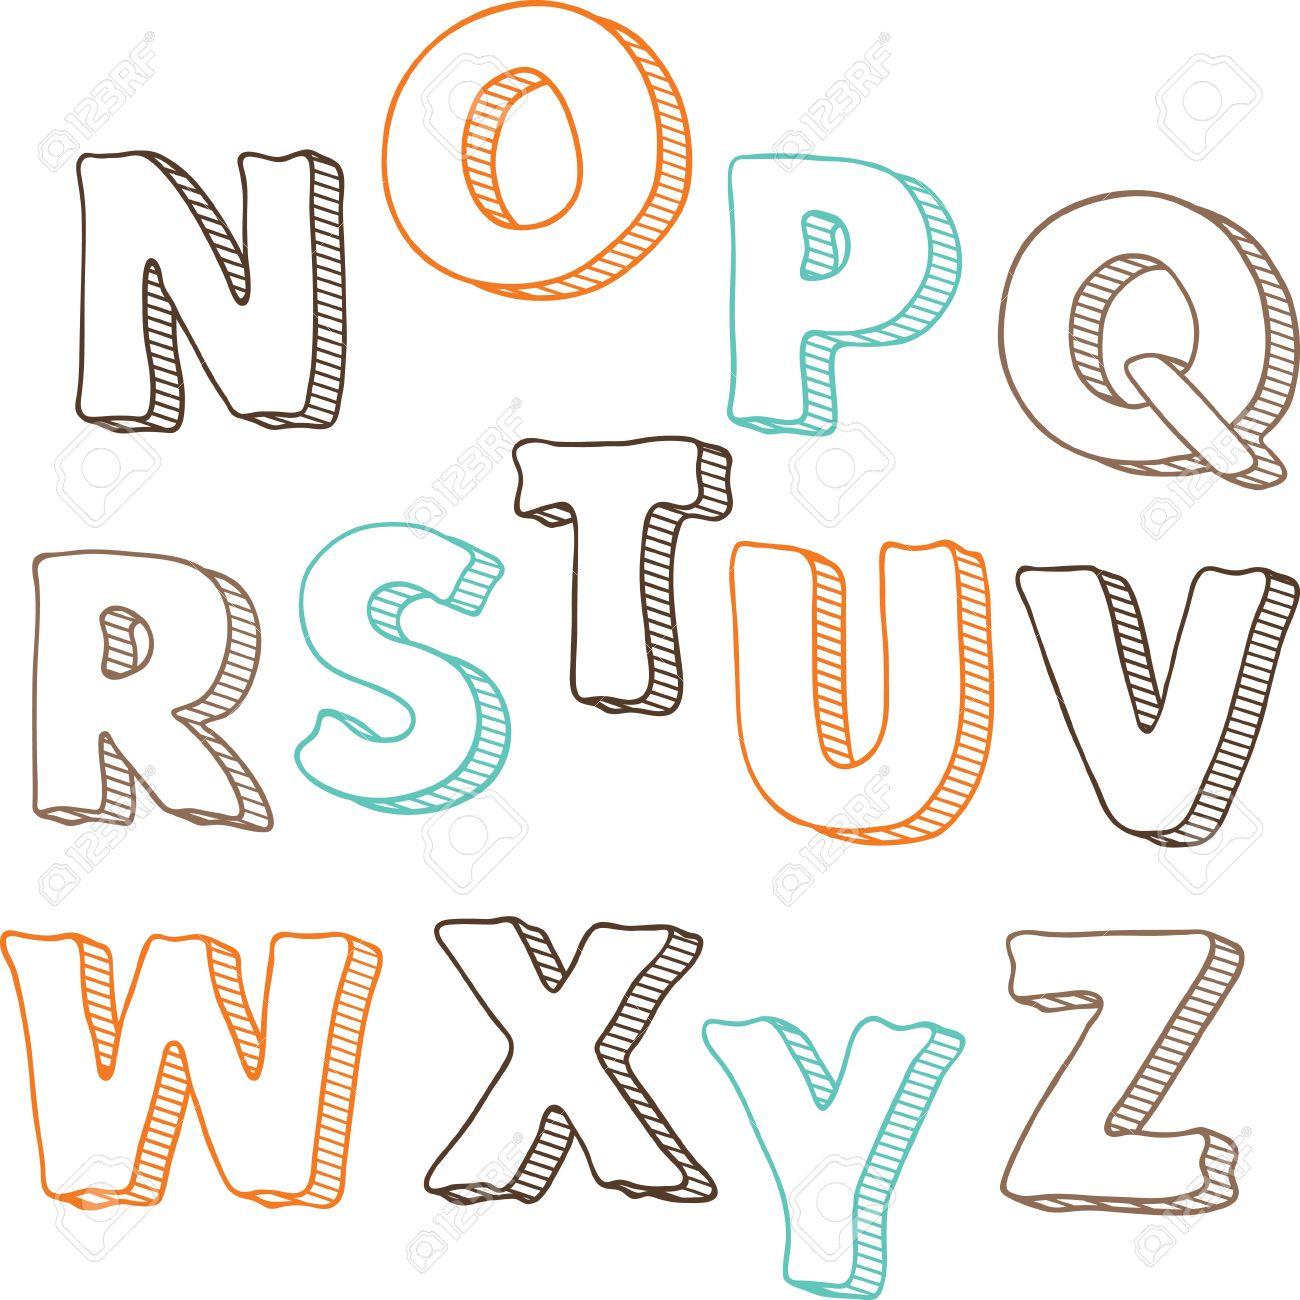 かわいい手描きフォント文字セット n から z ロイヤリティフリークリップ